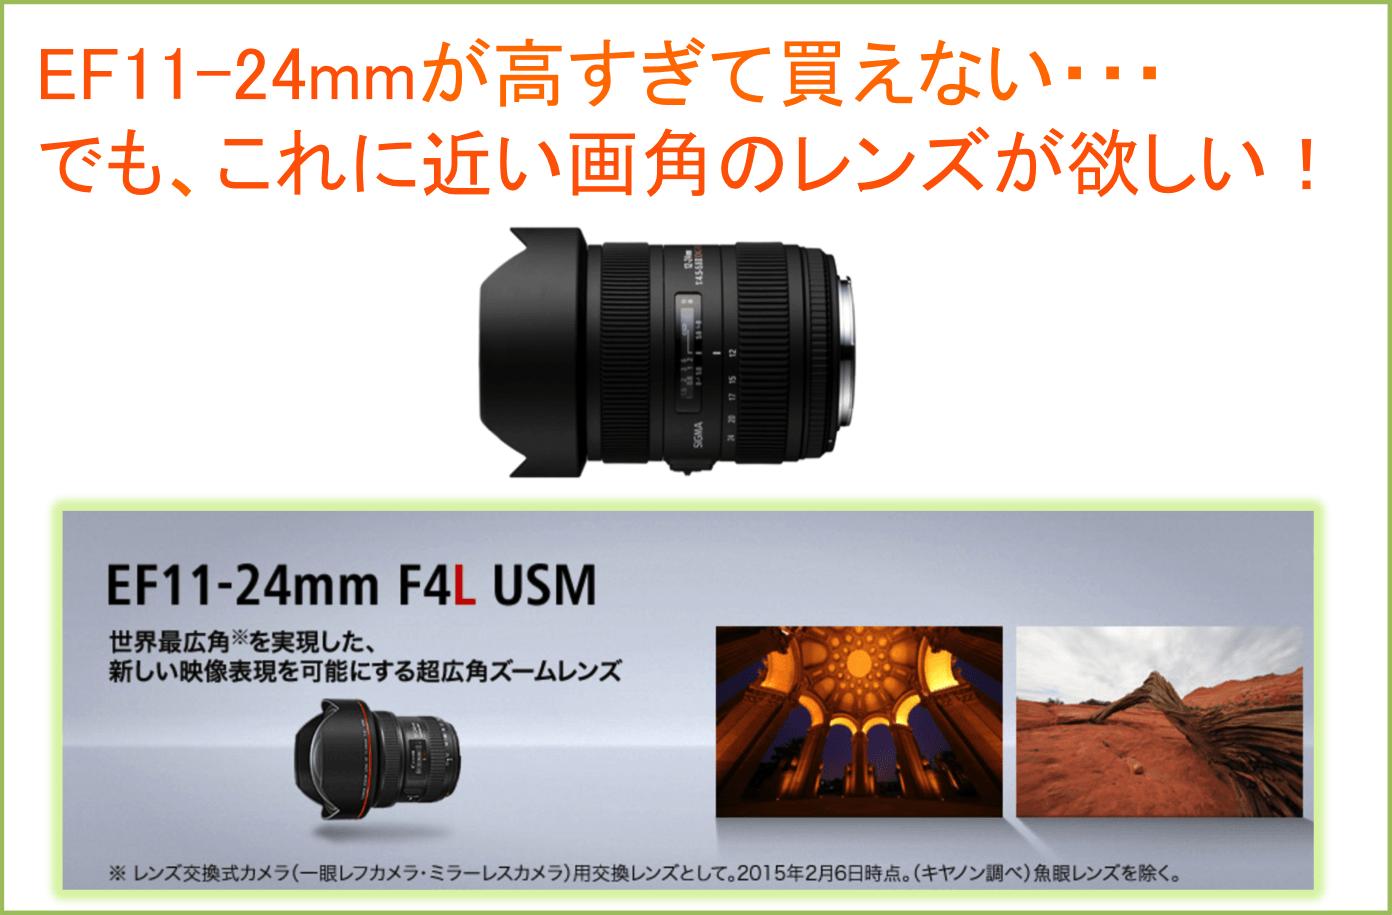 EF11-24mm F4L USMが高すぎて買えない?じゃあSIGMA 12-24mm F4.5-5.6 II DG HSMなんていかが?